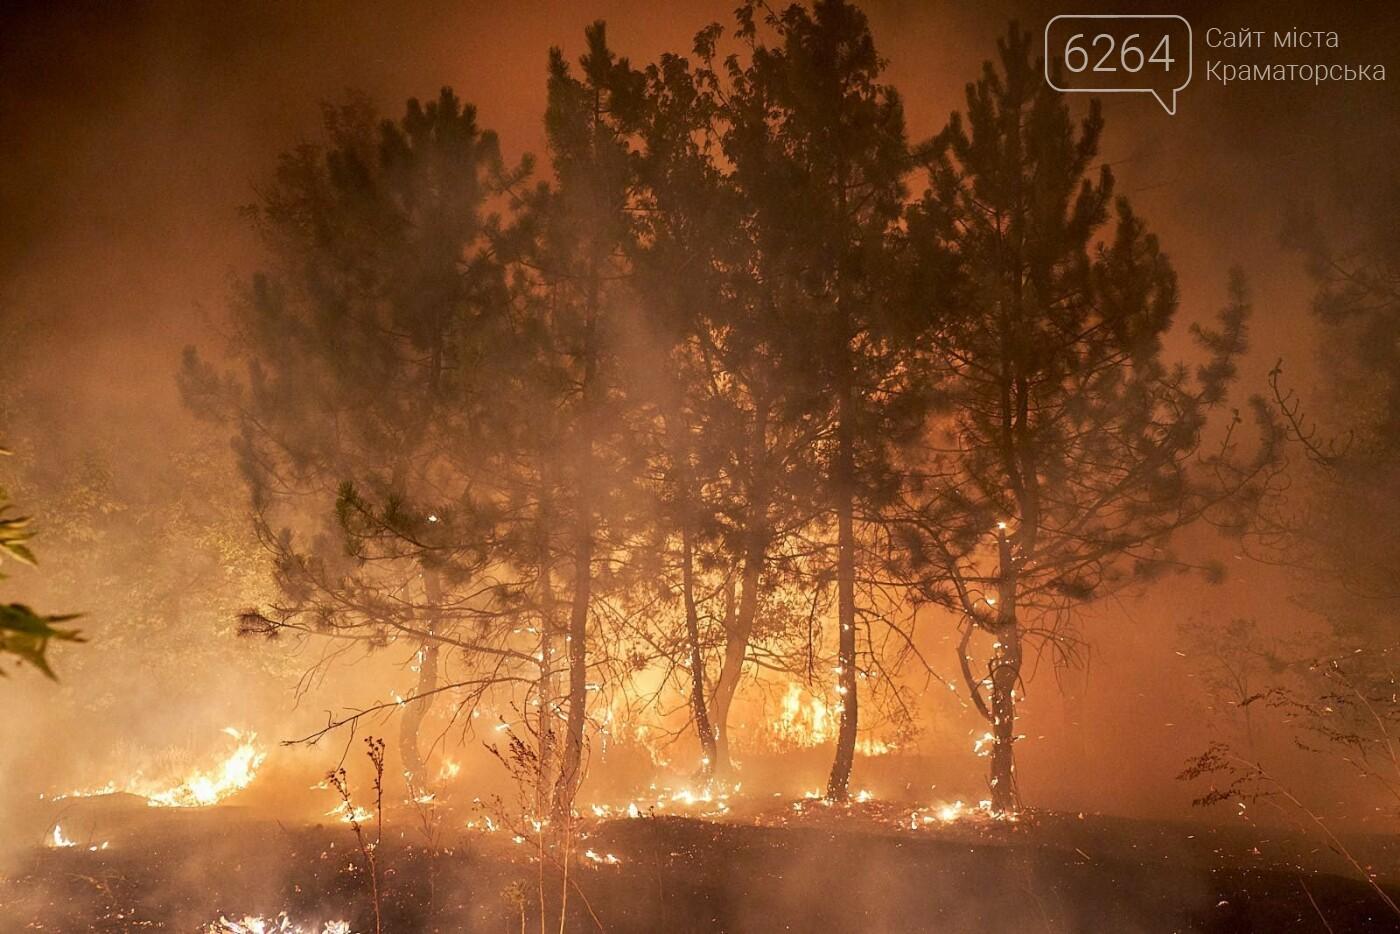 Масштабный лесной пожар в Краматорске – спасатели подозревают поджог (фото), фото-6